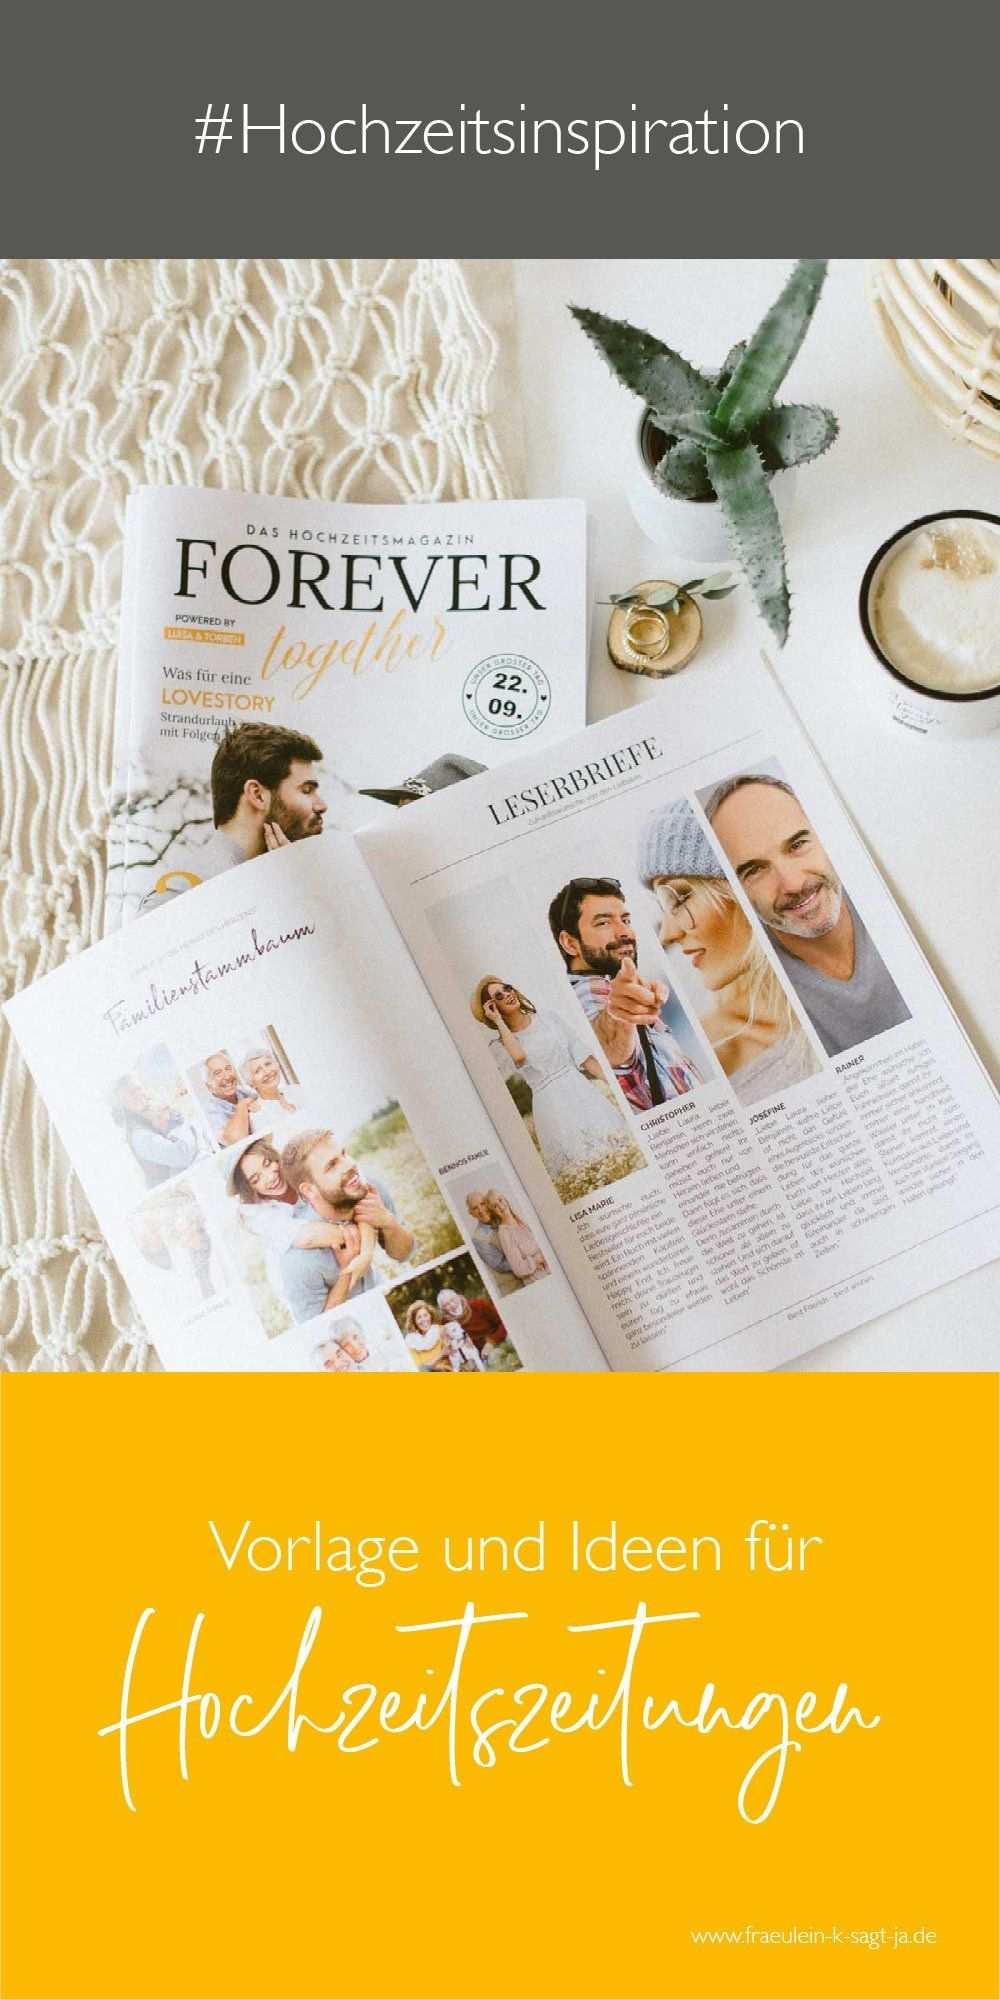 Die Hochzeitszeitung Inhalte Layout Tipps Hochzeitszeitung